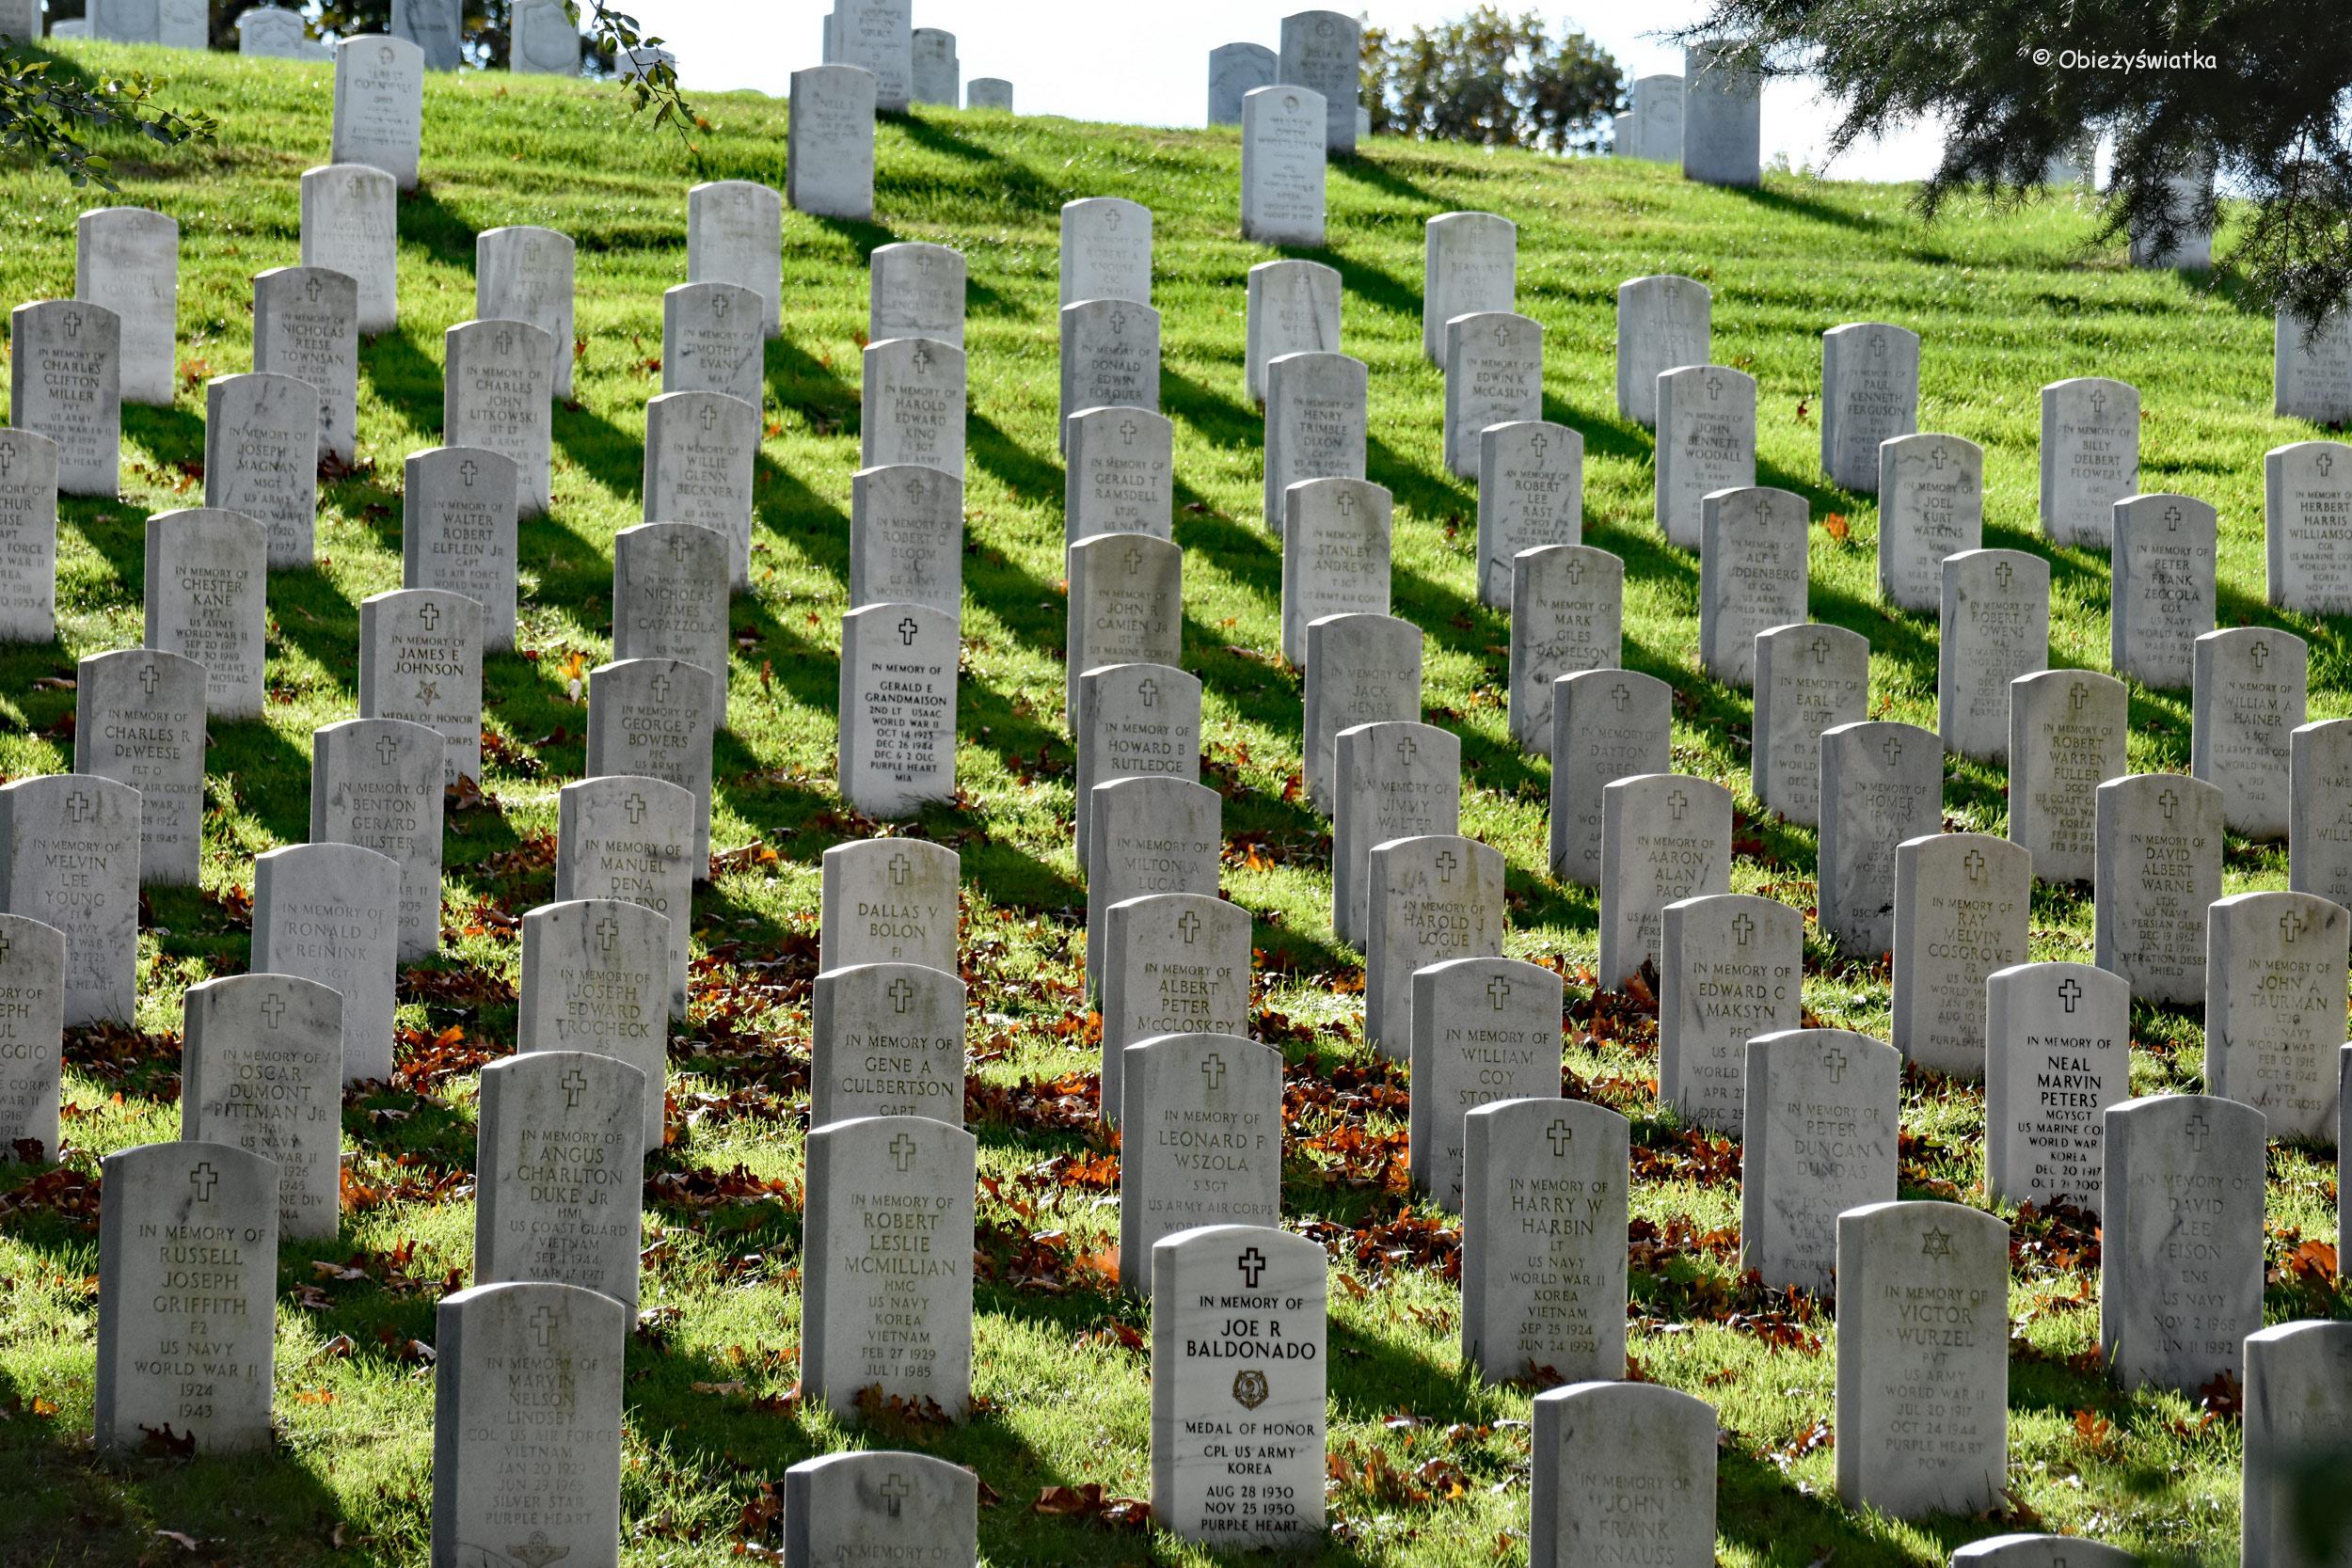 Cmentarz-Narodowy-w-Arlington-3.jpg